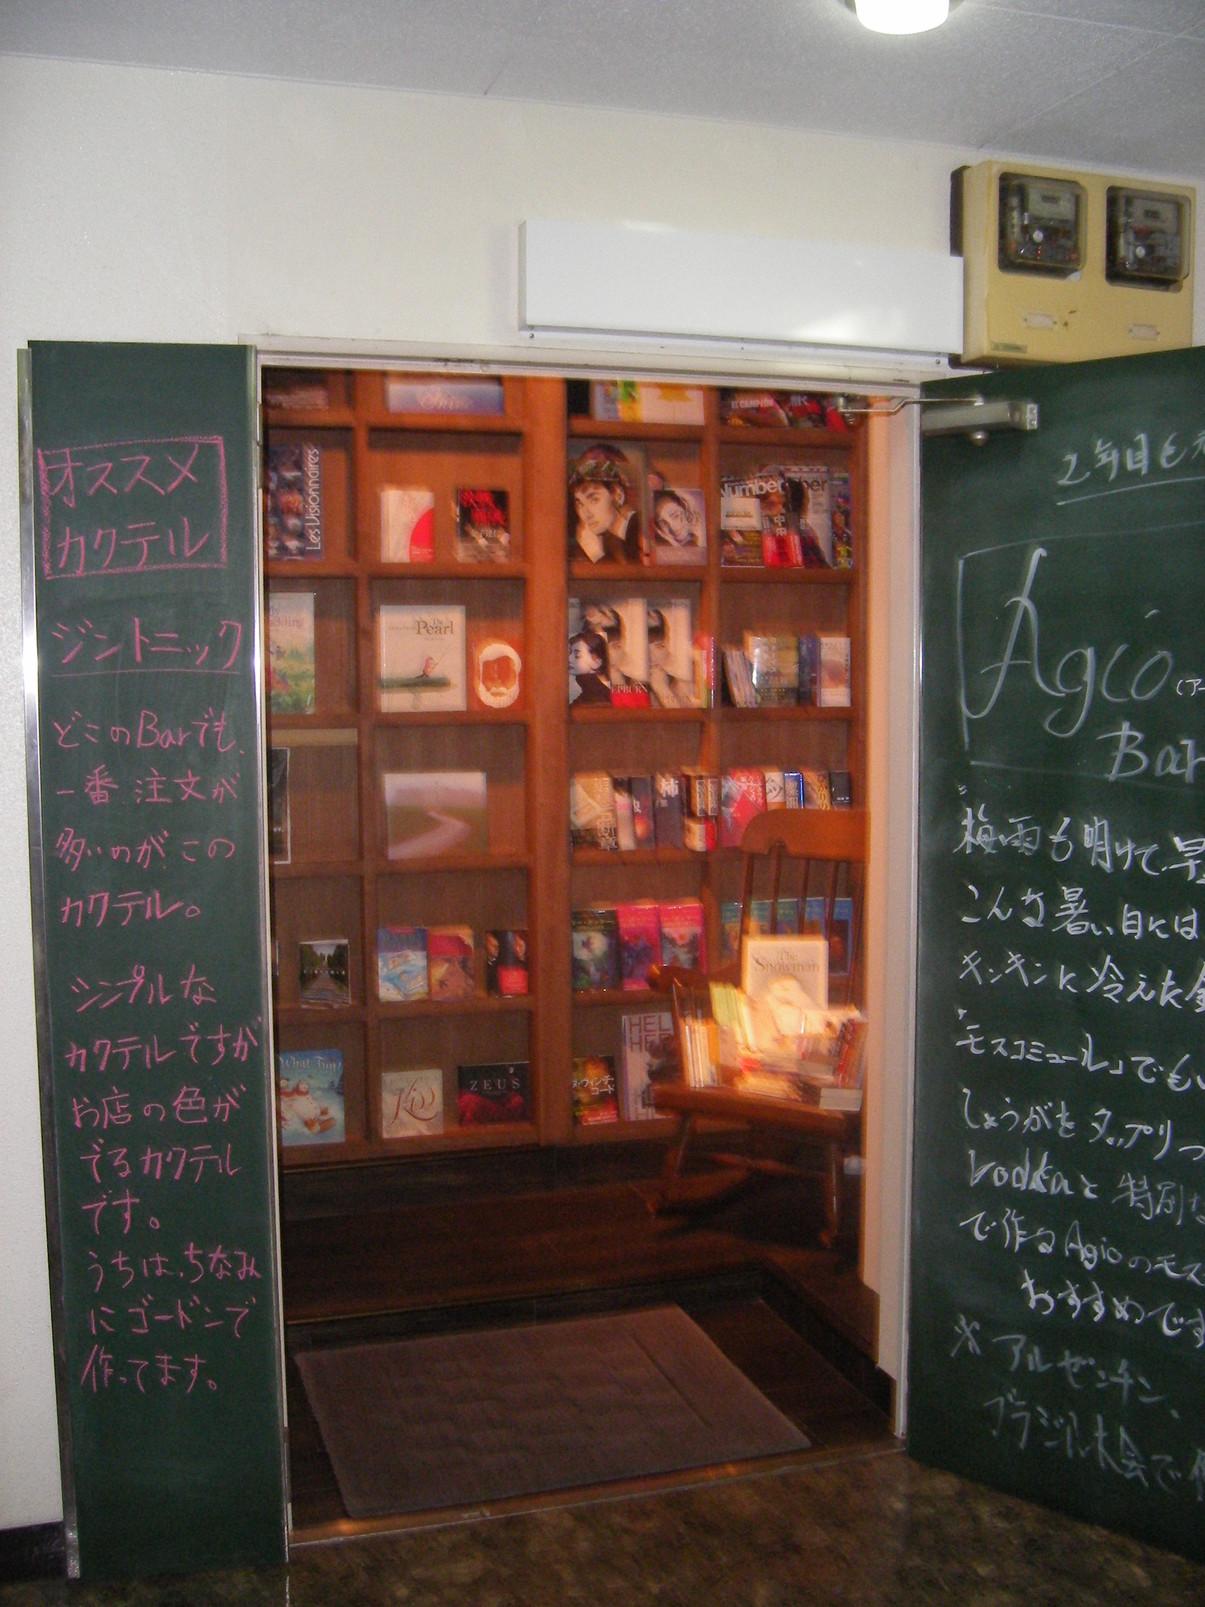 Agio Bar&Cafe